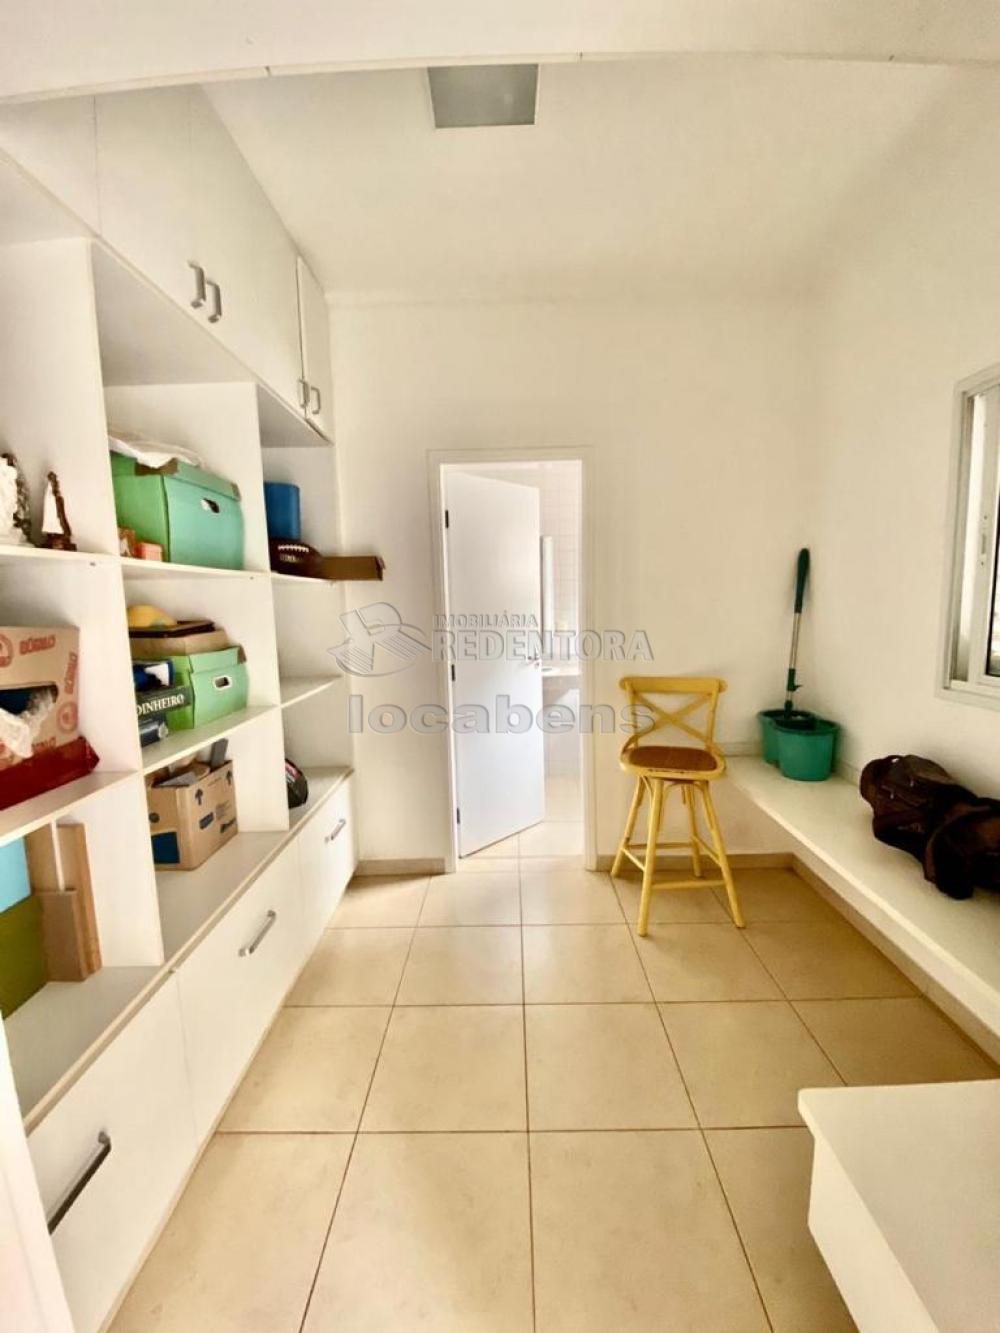 Comprar Casa / Condomínio em São José do Rio Preto R$ 1.750.000,00 - Foto 9